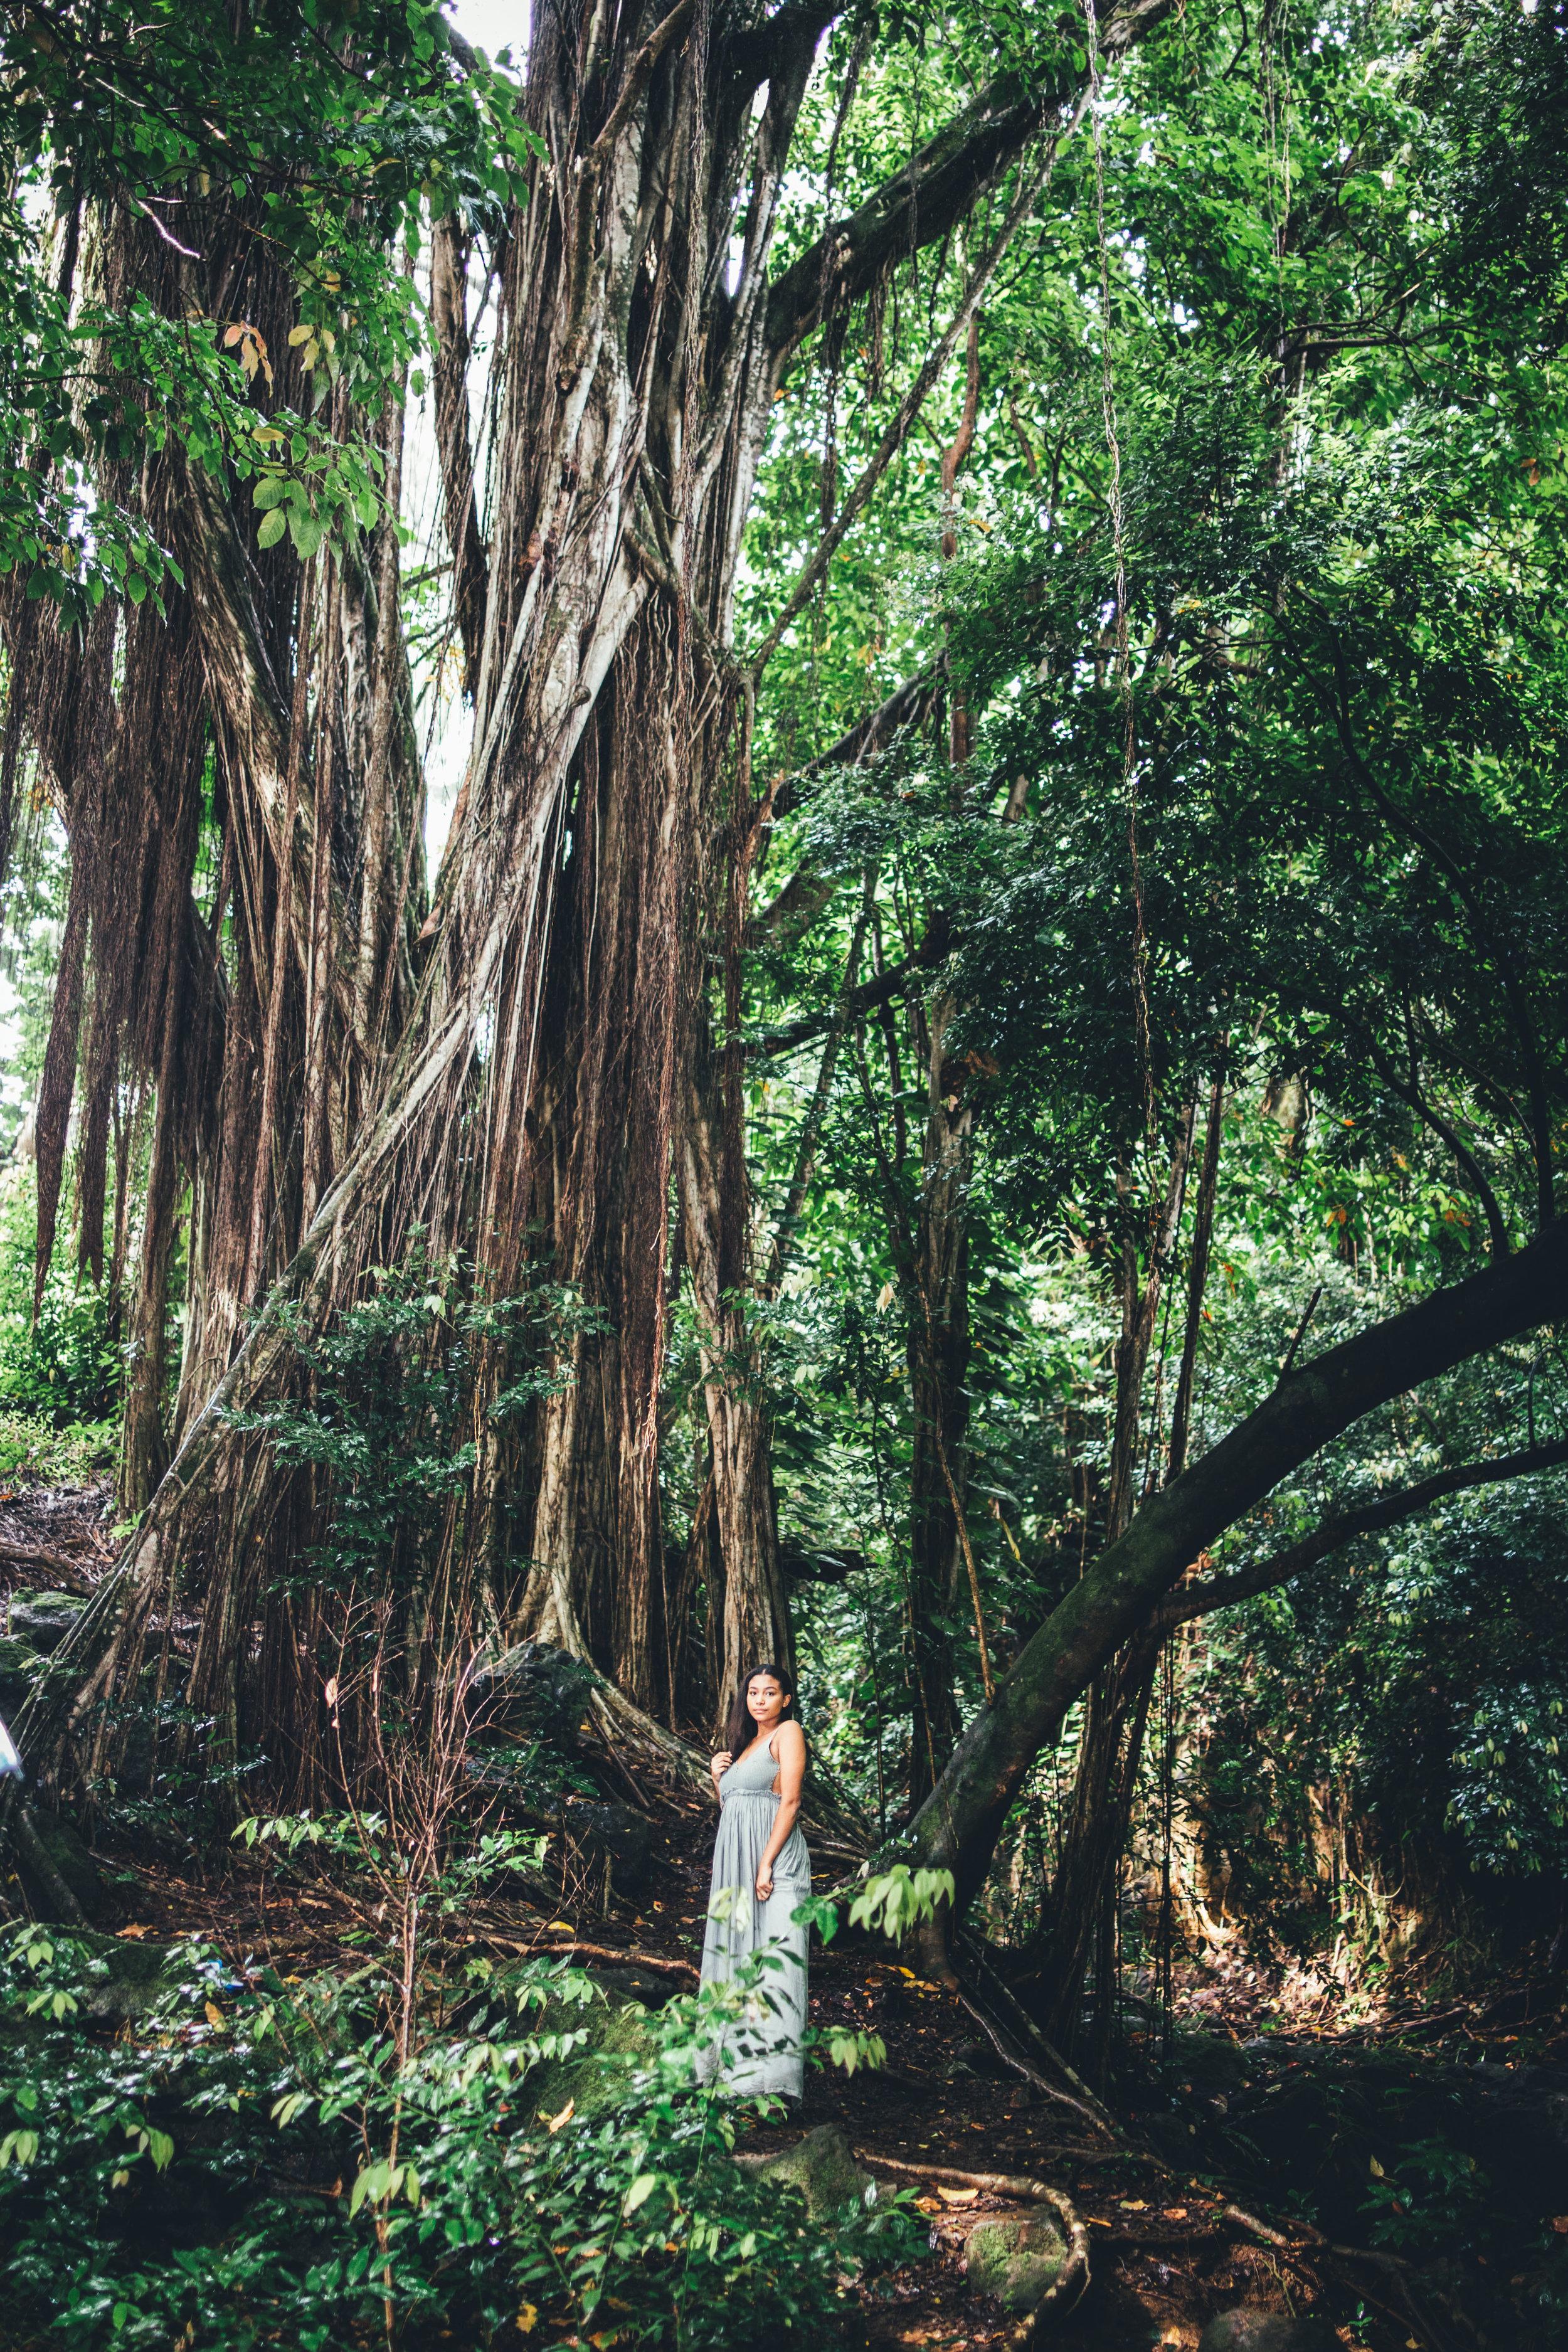 KirraRaina-Jungle-INSTA-3.jpg